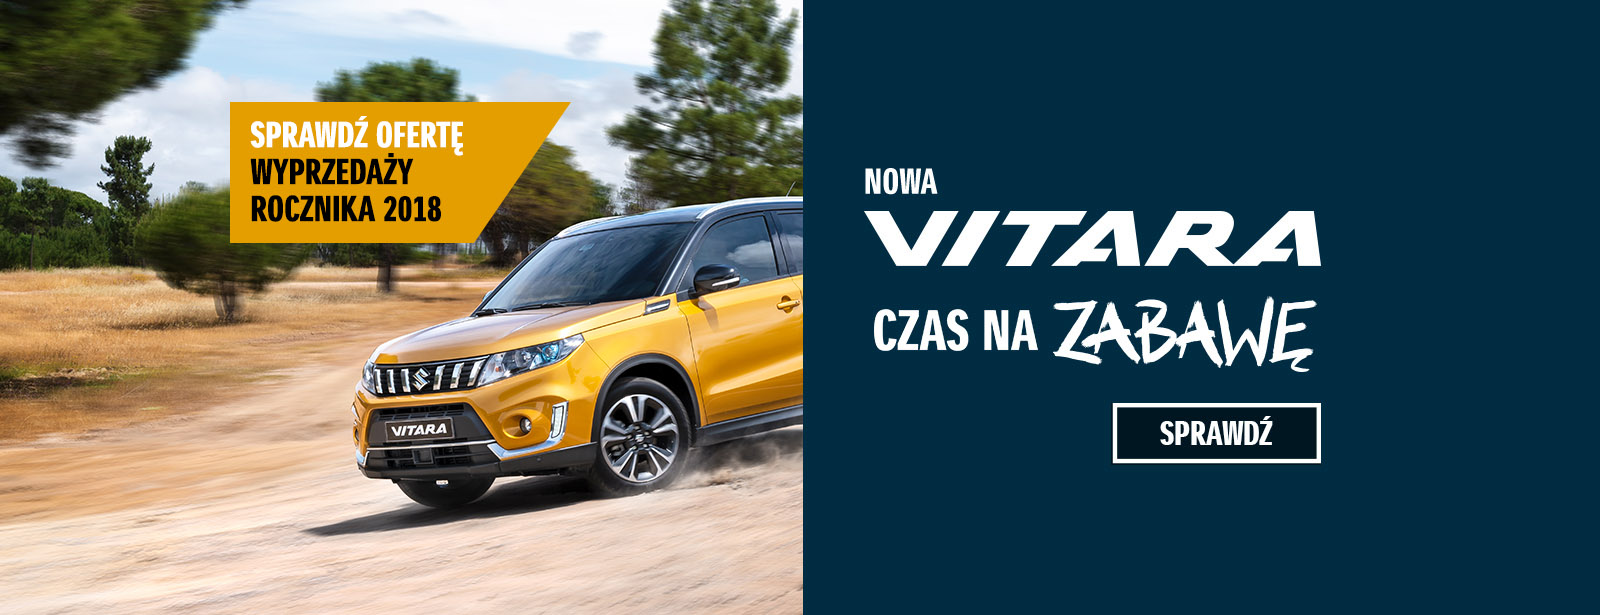 Samochody SUZUKI z rocznika 2018 w atrakcyjnych cenach 7